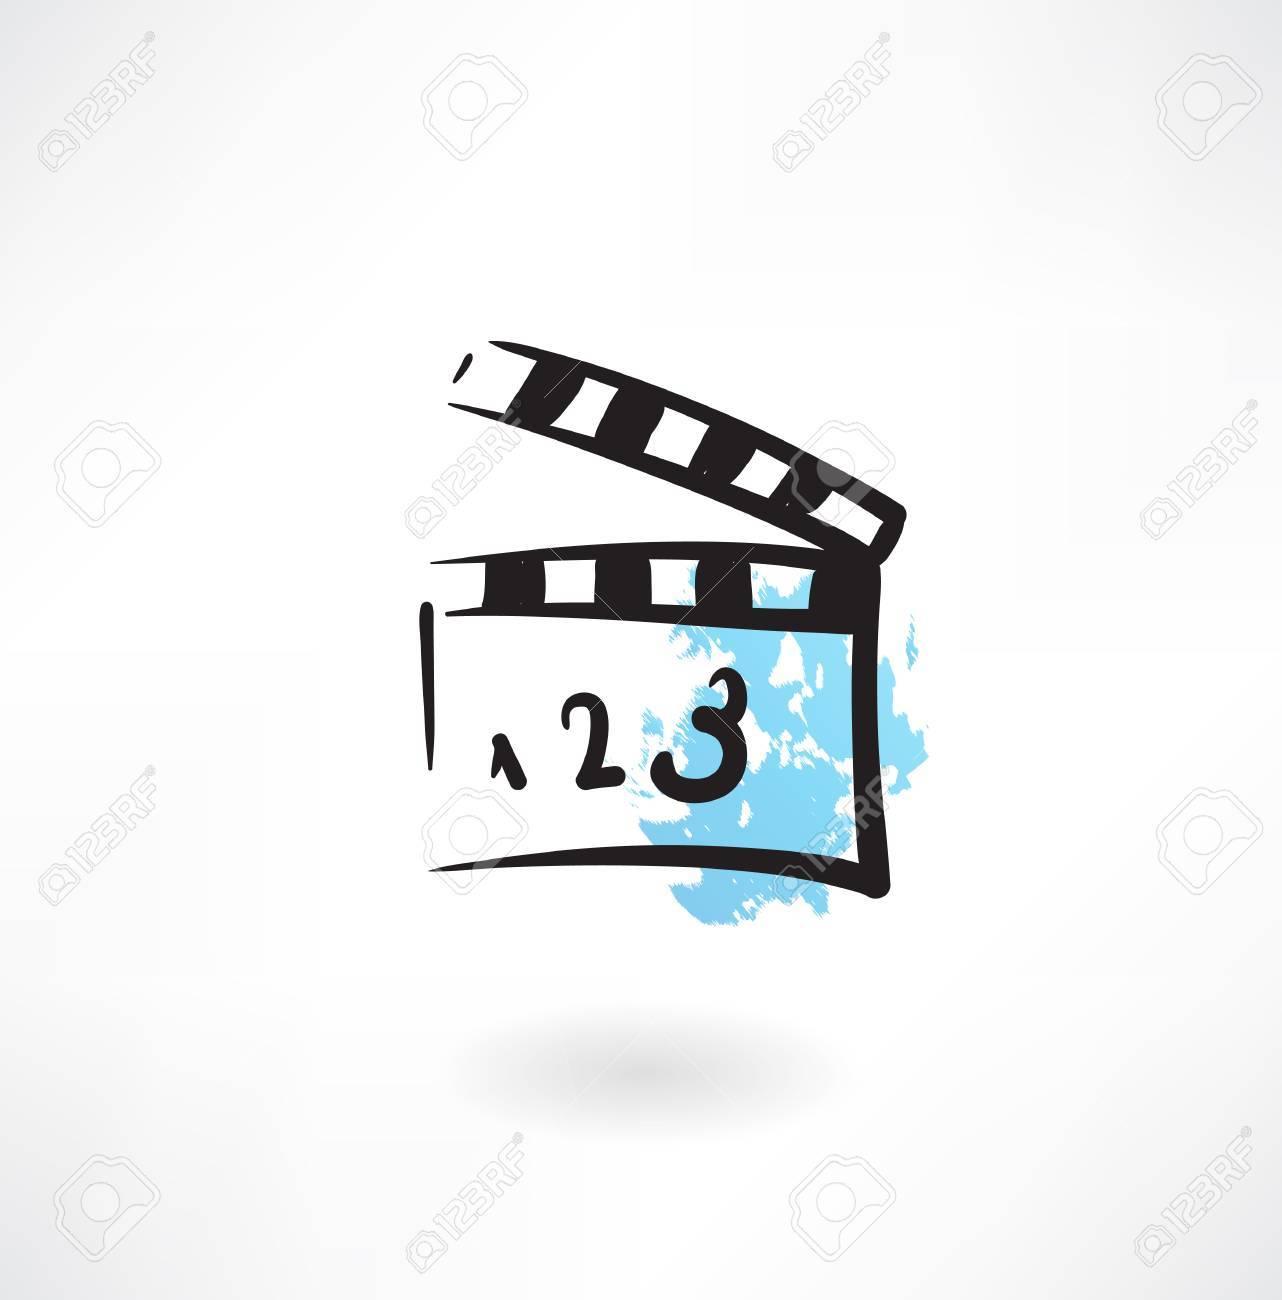 movie clapper grunge icon - 27532987